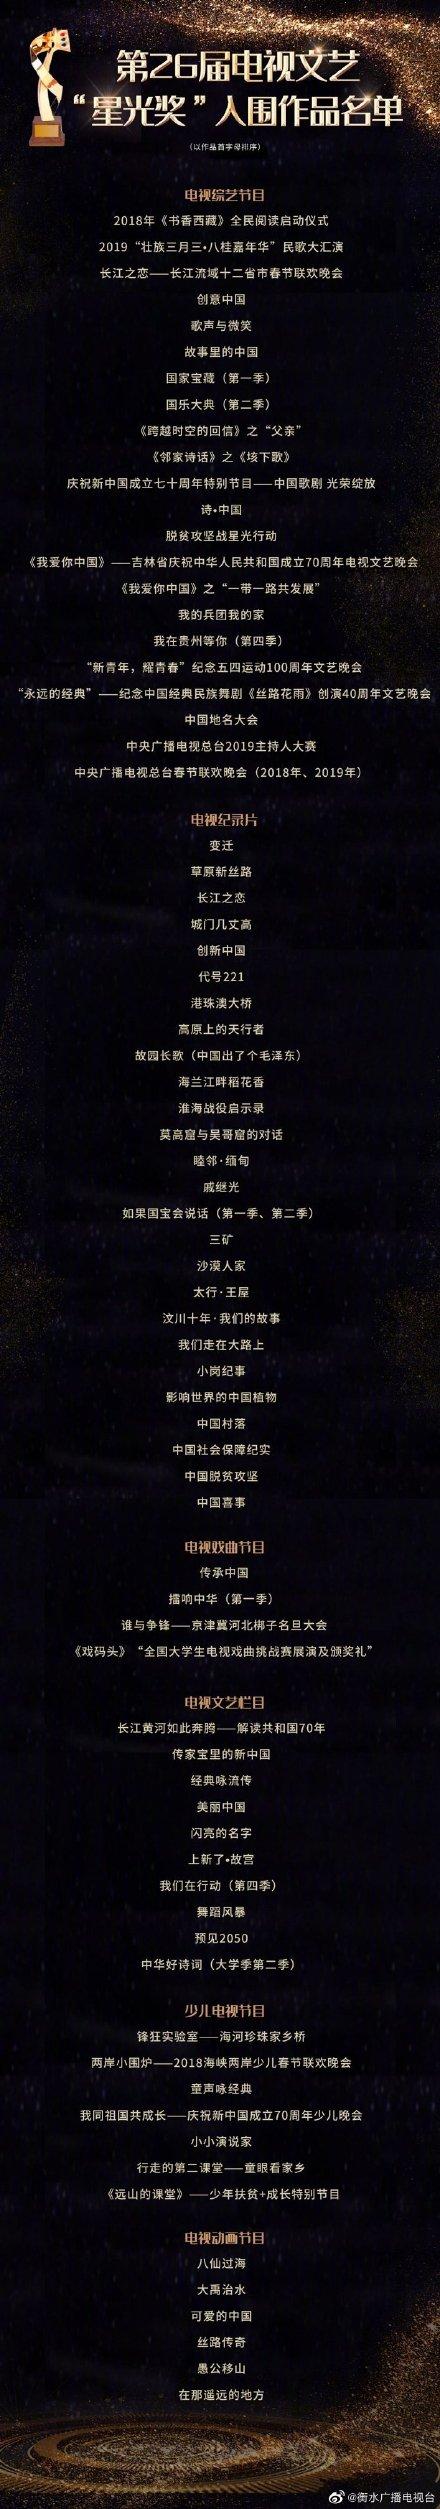 """第32届电视剧""""飞天奖""""即将揭晓,陈宝国、张嘉益、孙俪、郎朗、易烊千玺等出席"""